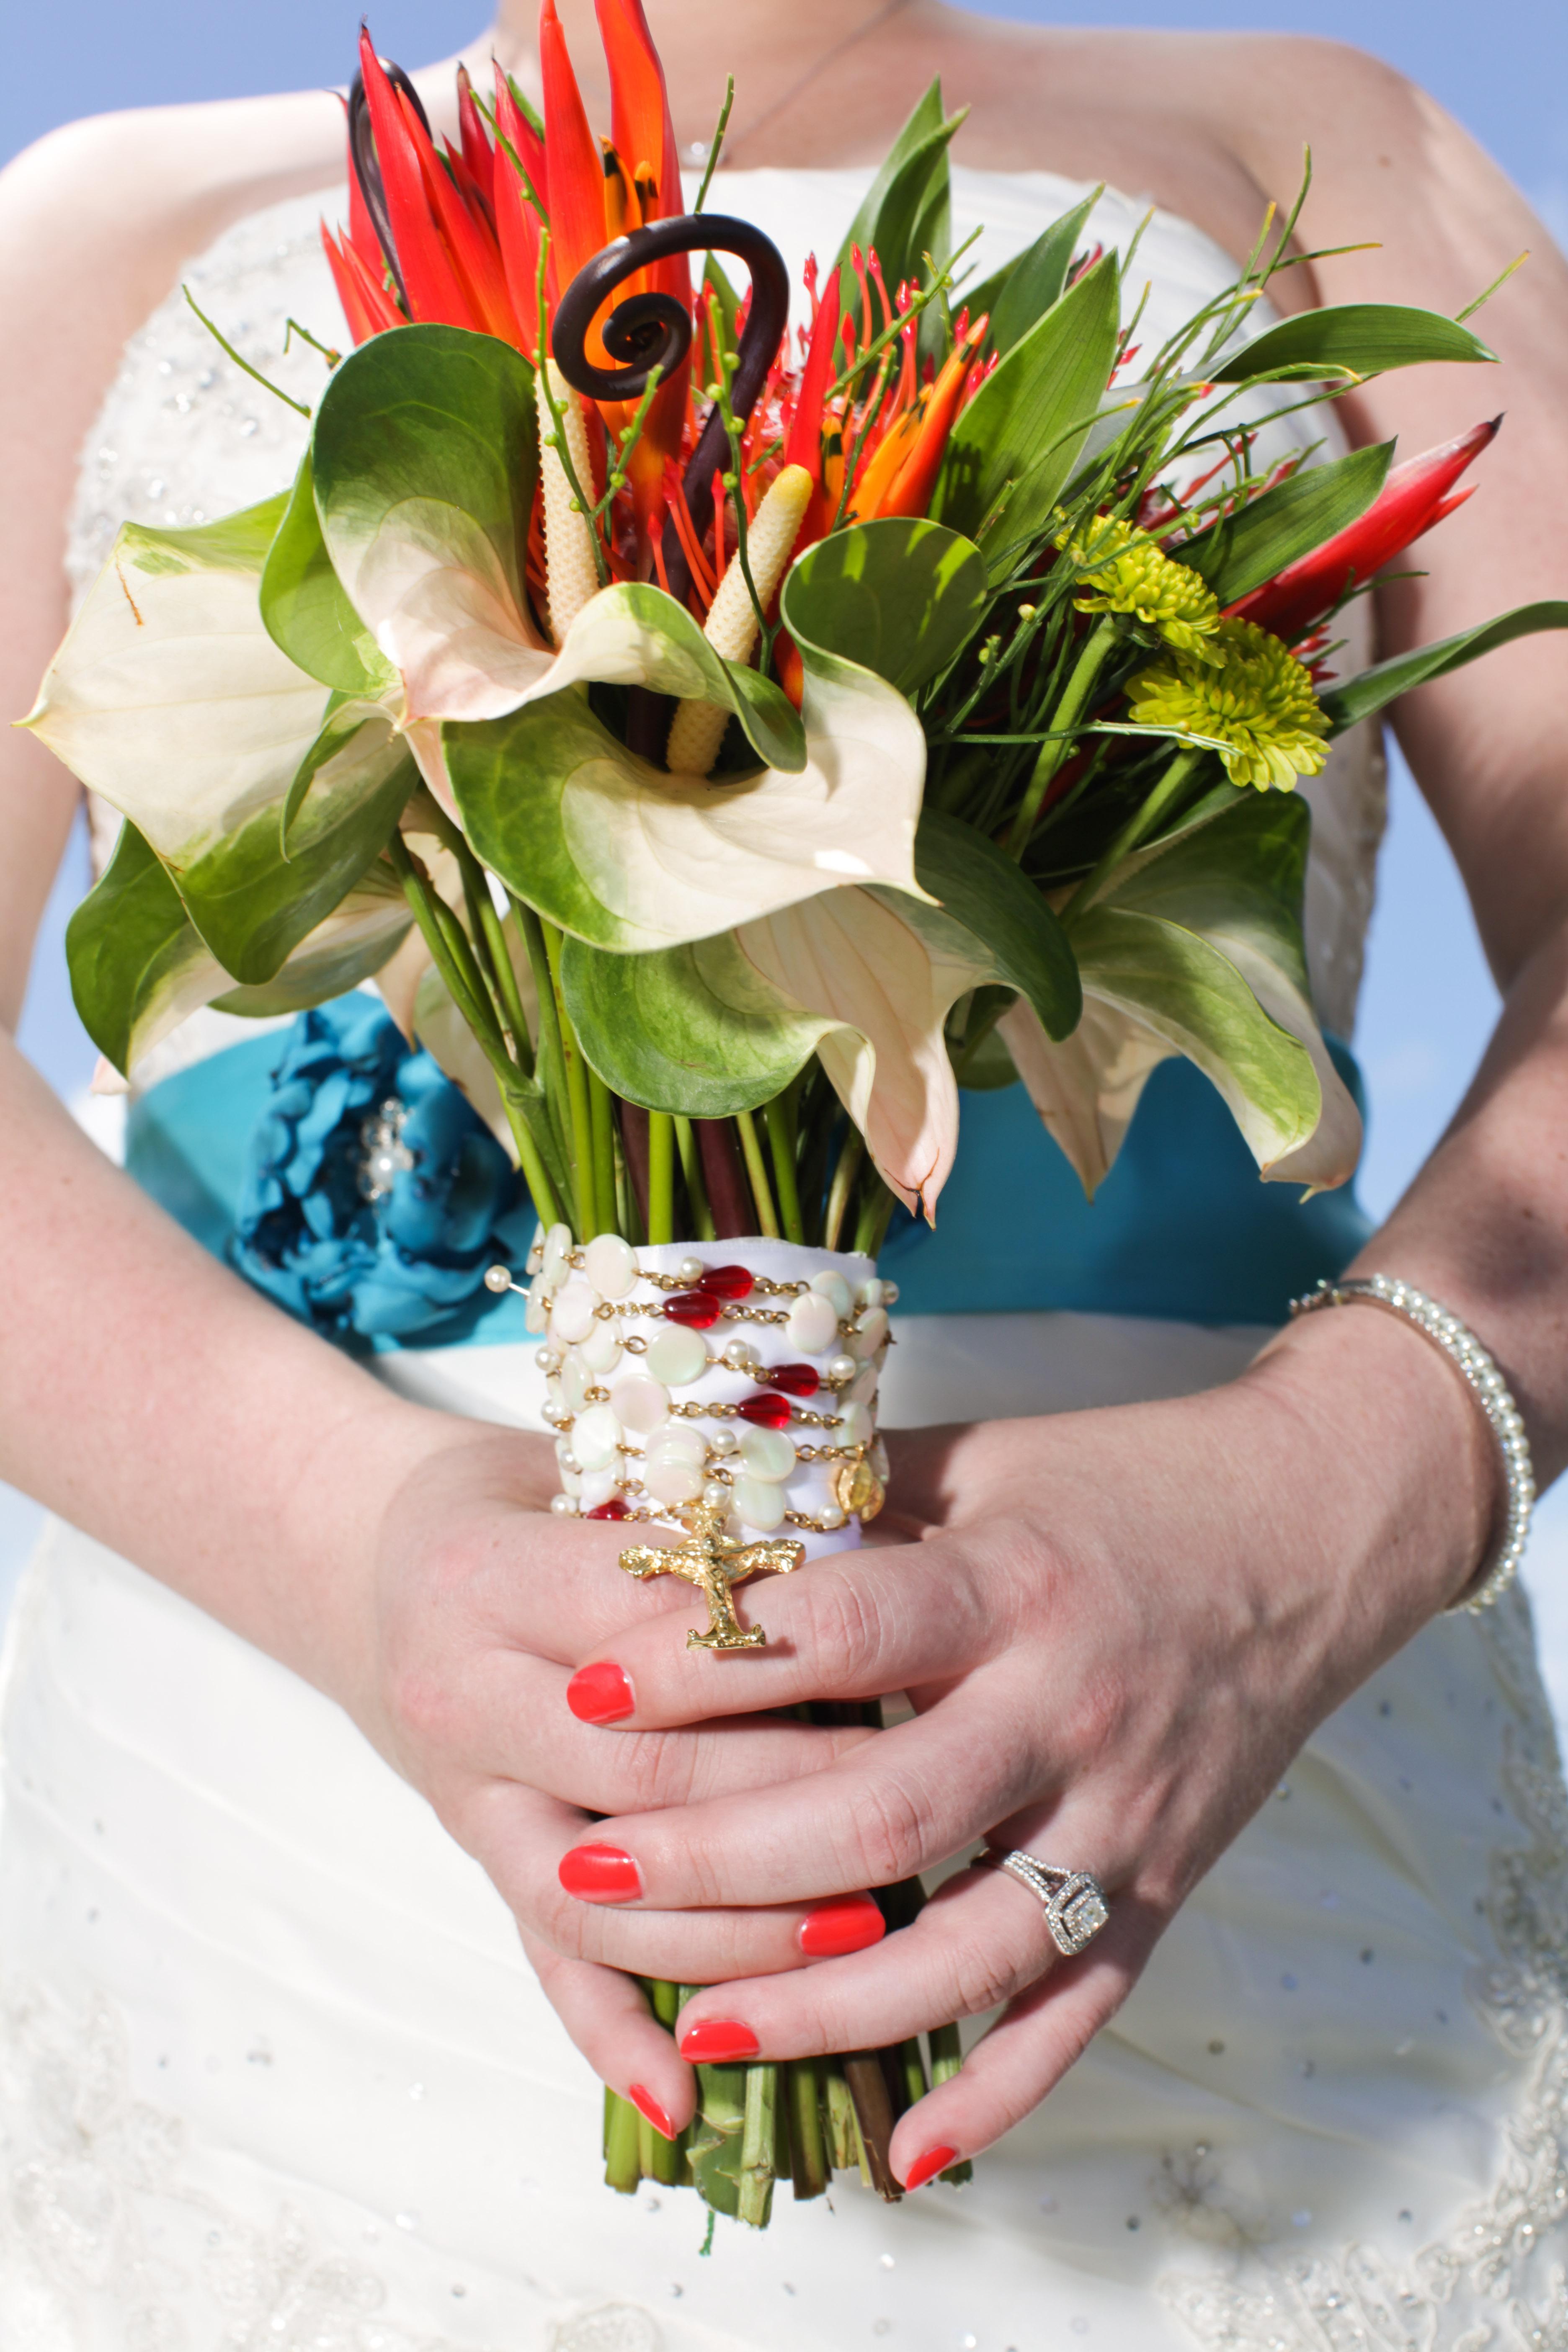 kristen holding flowers.jpg